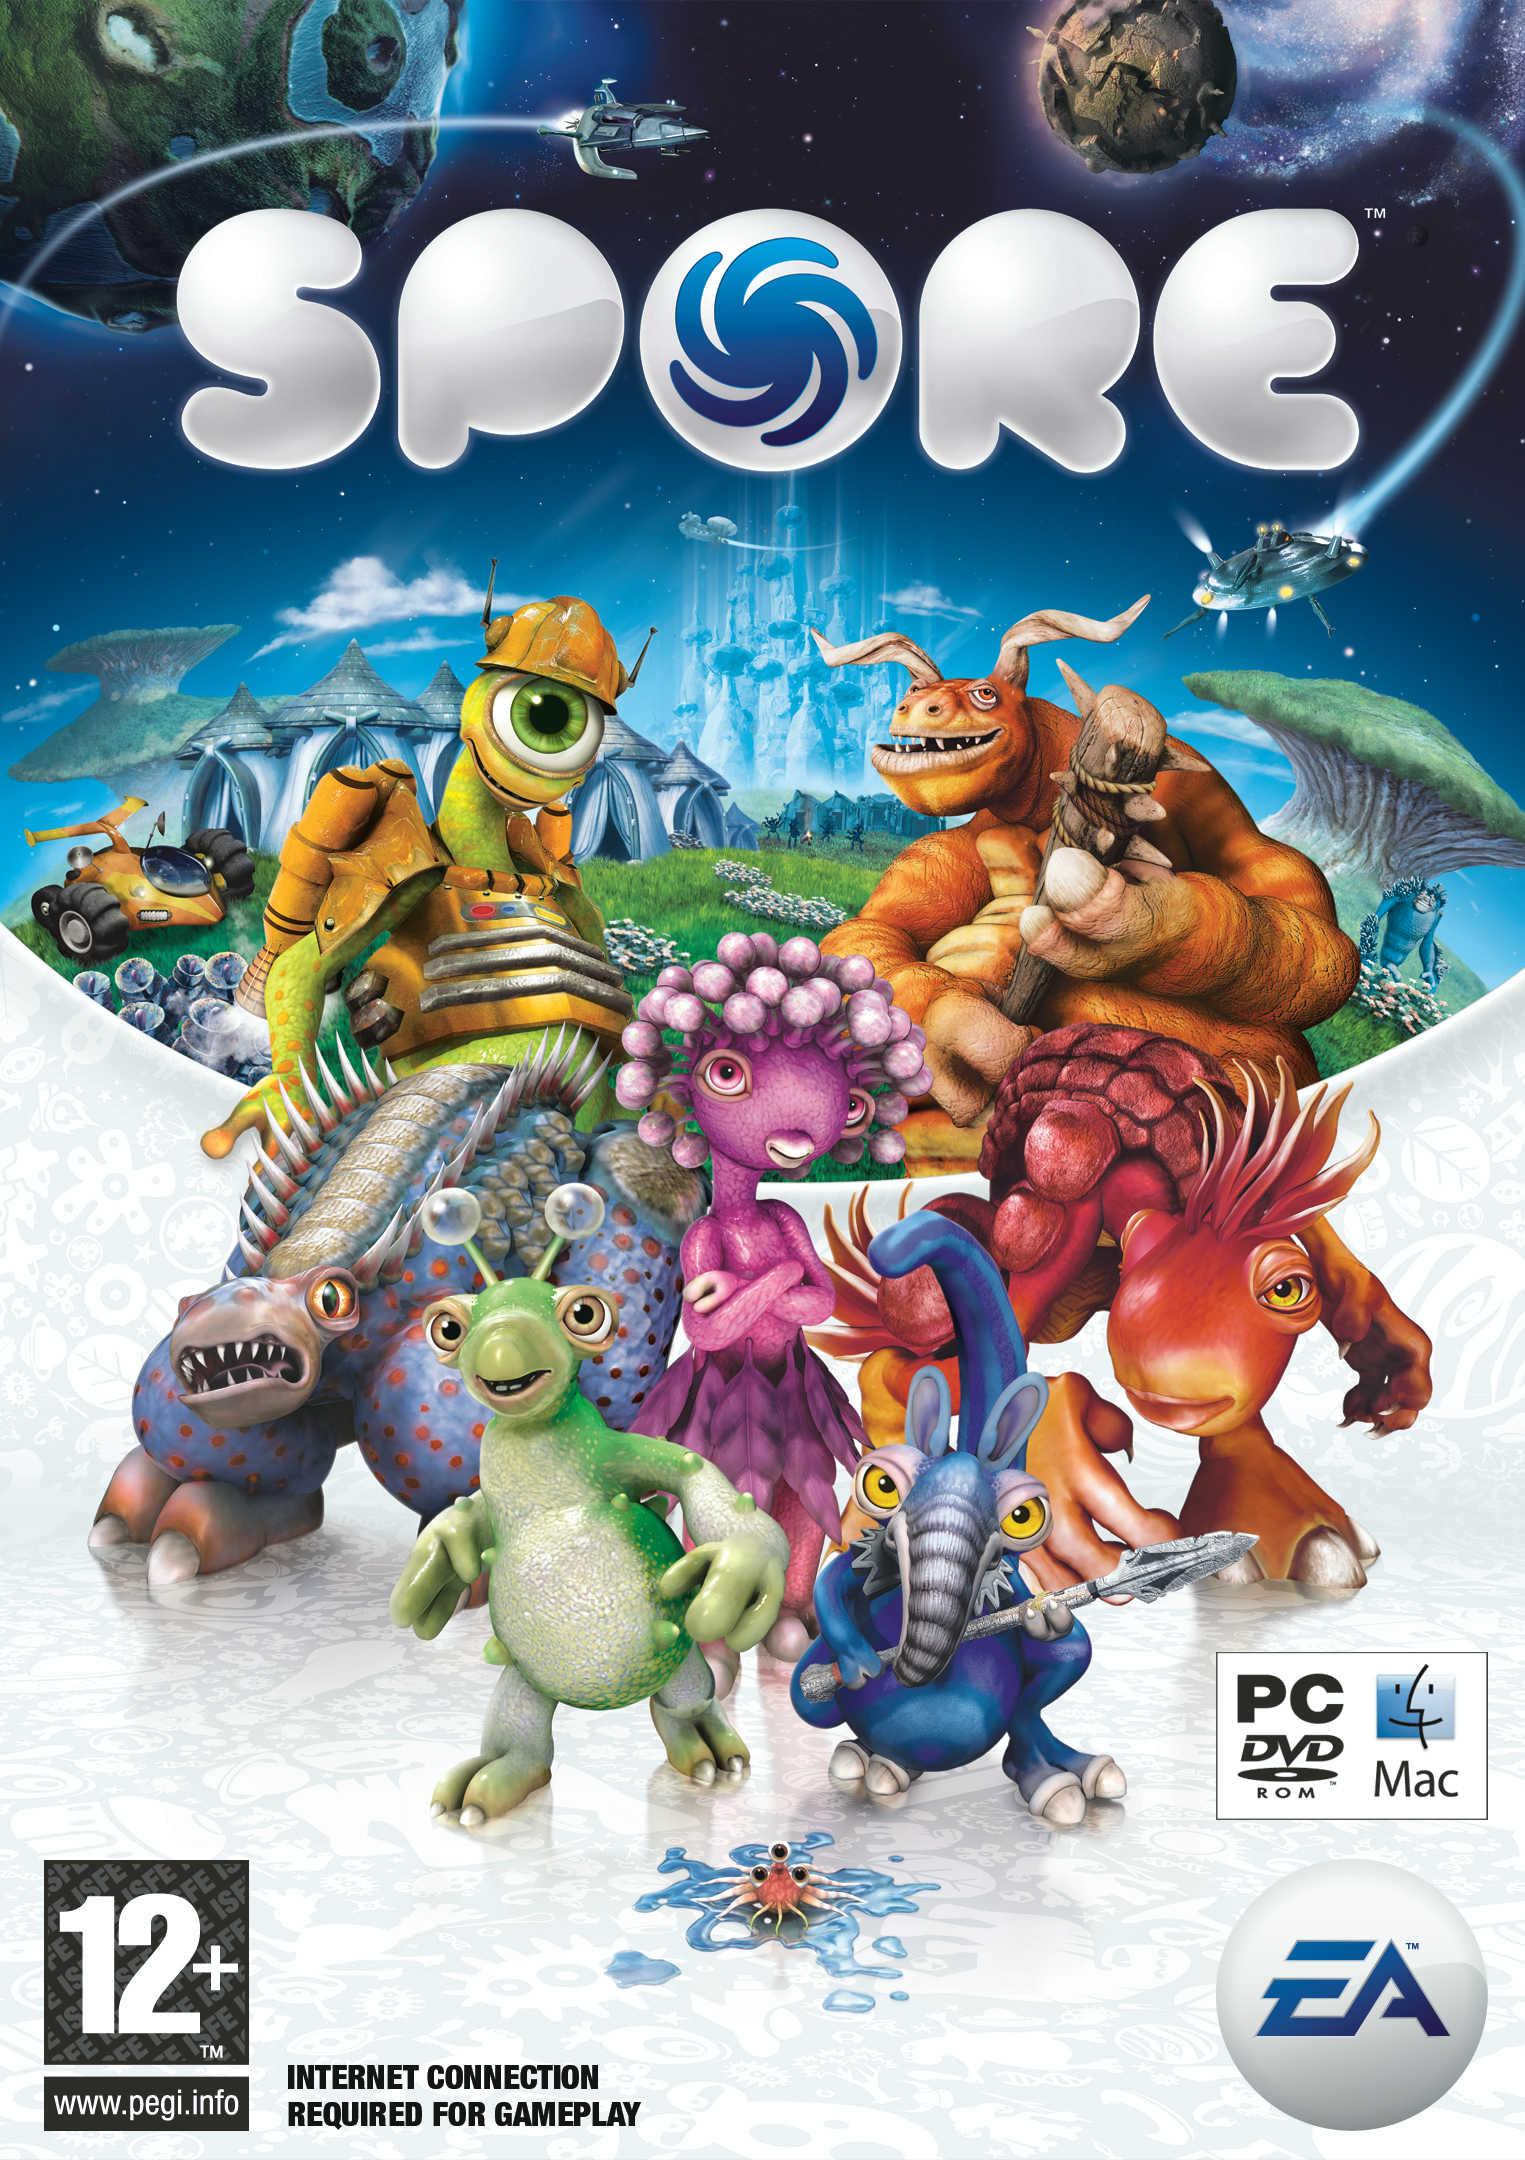 Скачать игру Spore для Nokia 640x360 (бесплатно) .